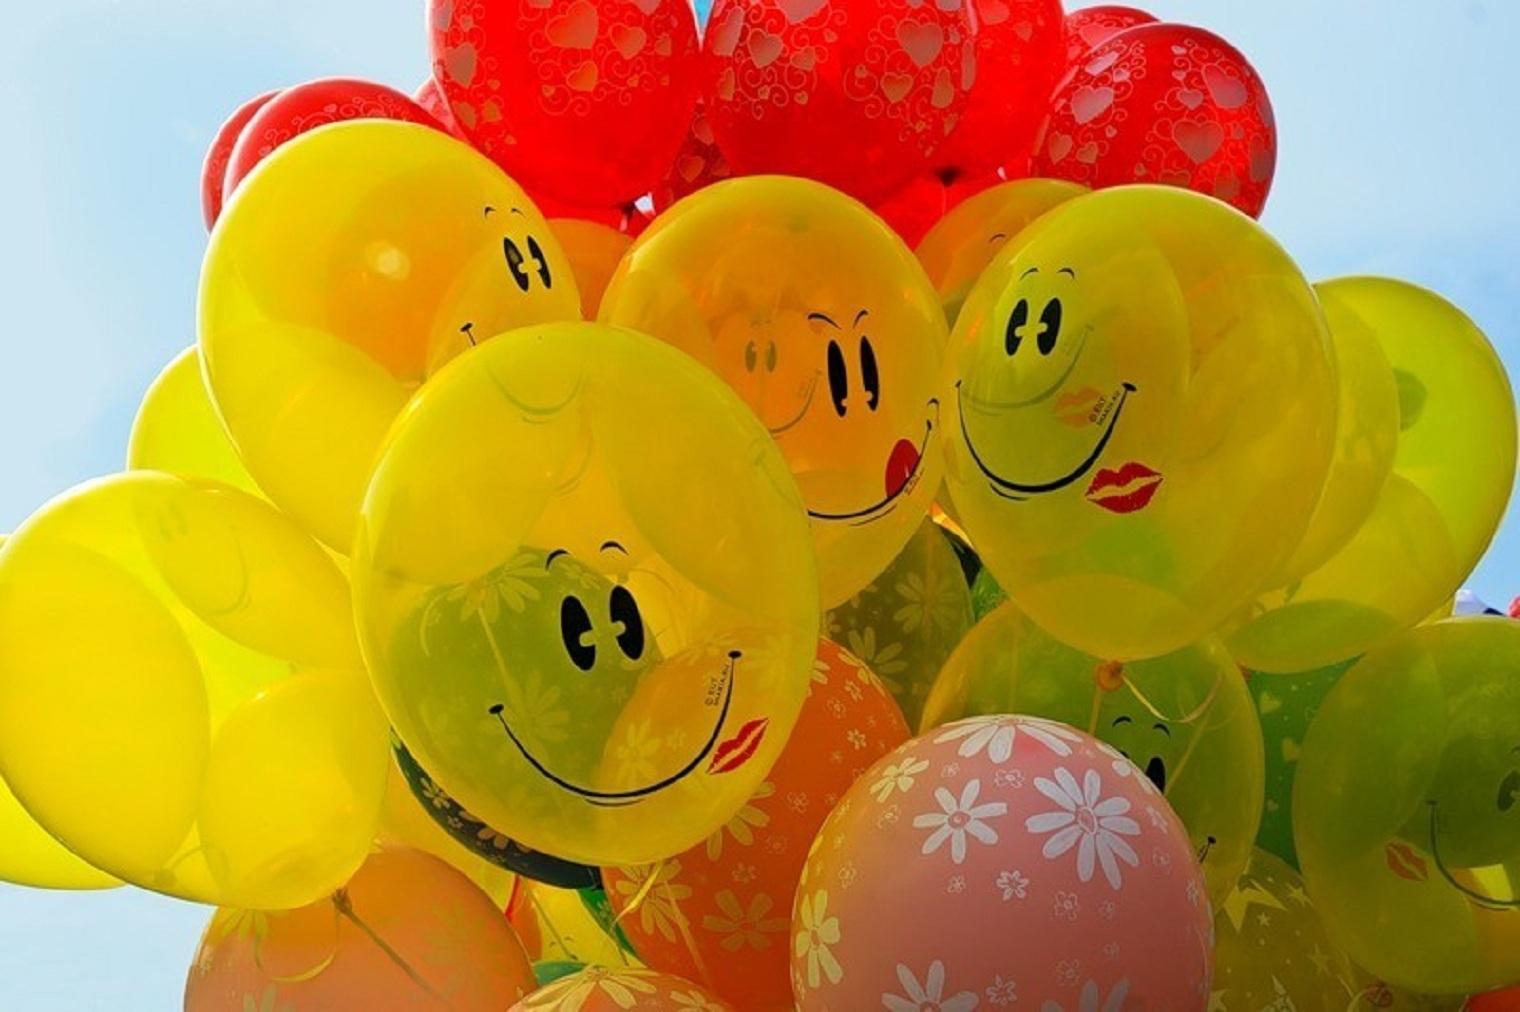 открытки с днем рождения шарики фото тех хозяев